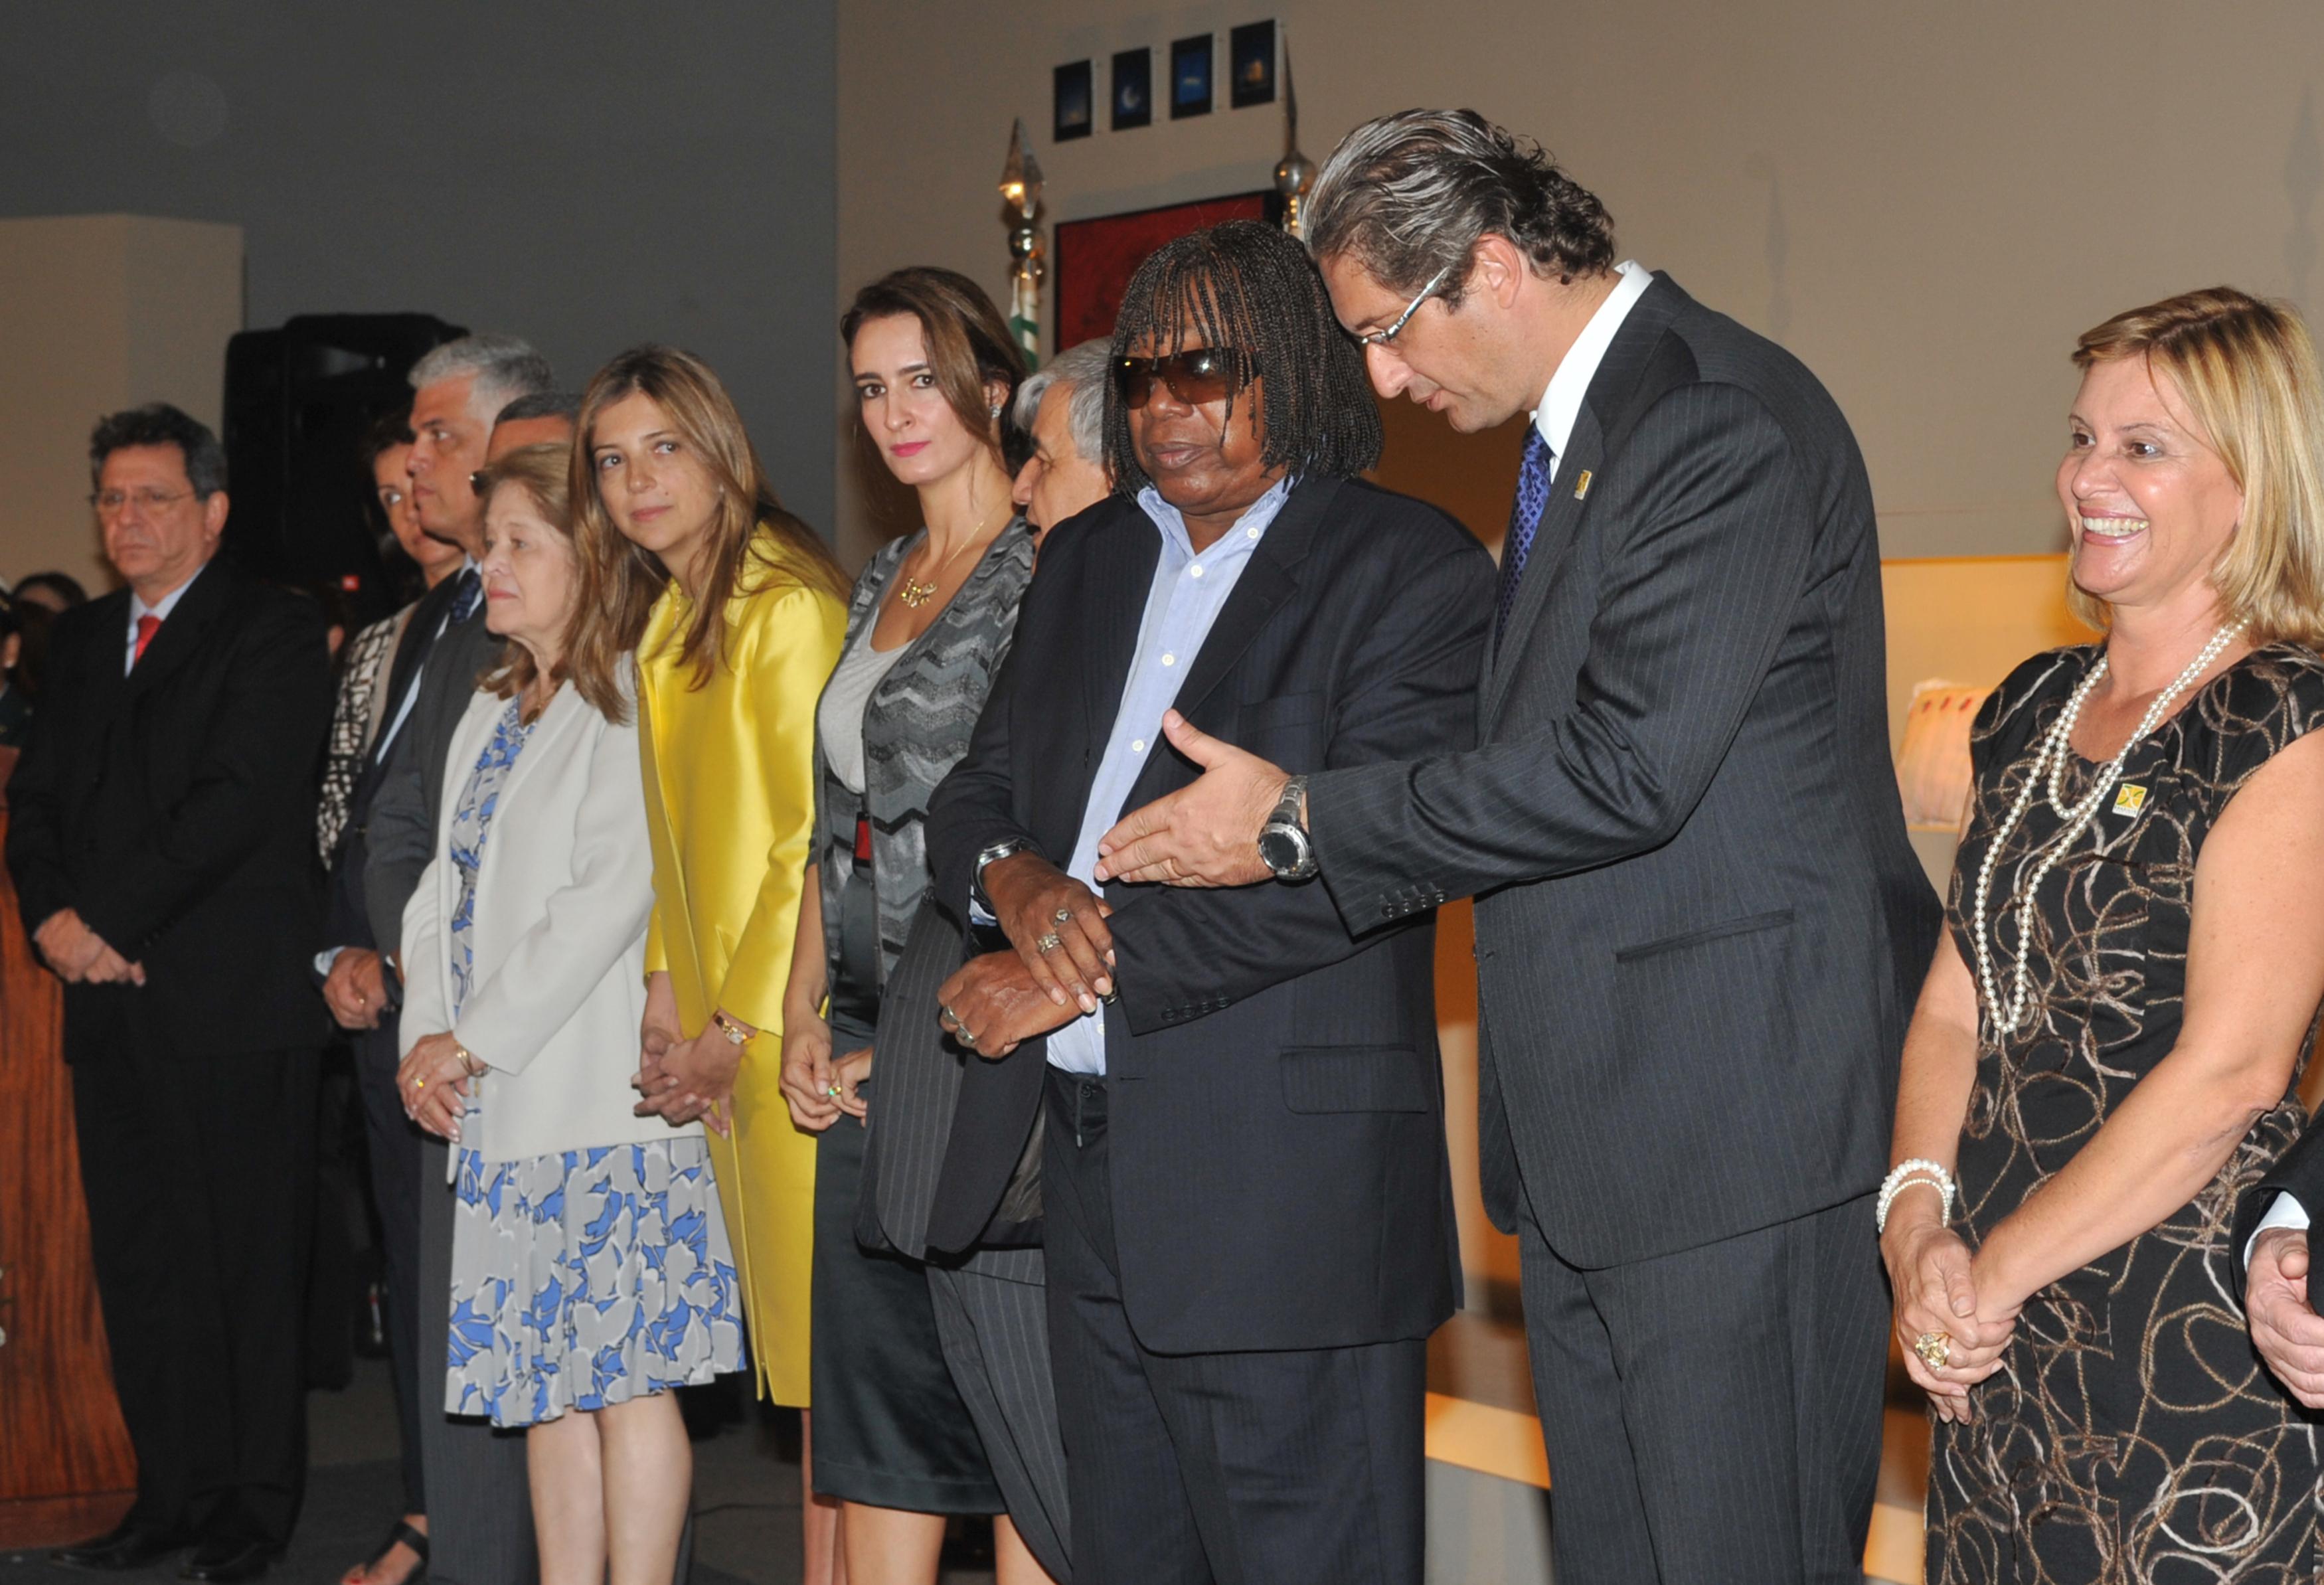 Milton Nascimento Brasilia File:milton Nascimento e